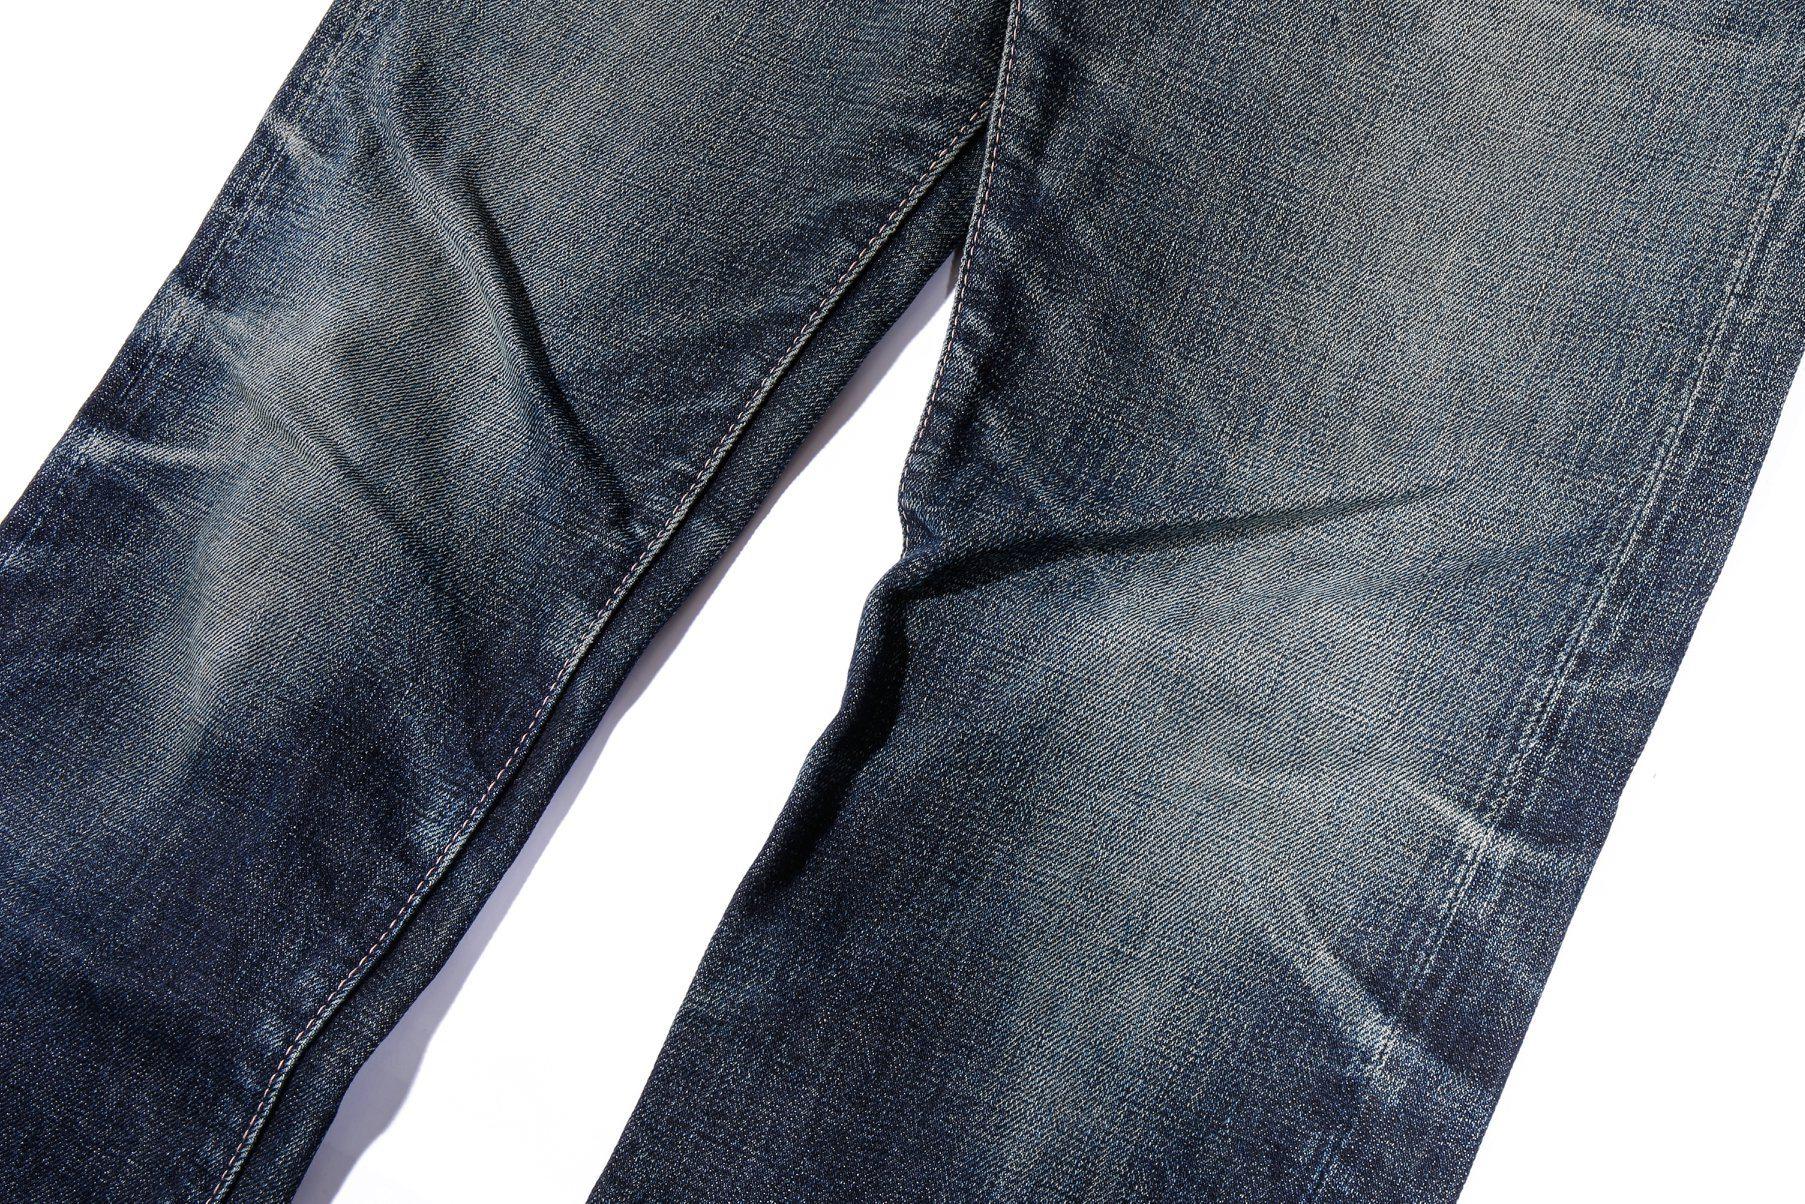 %e6%97%a5%e7%89%9b%e9%a4%8a%e6%88%90%e5%a4%a7%e5%8b%9f%e9%9b%86_momotaro-jeans_0705sp_%e5%8a%89%e9%81%94%e7%be%a9_13